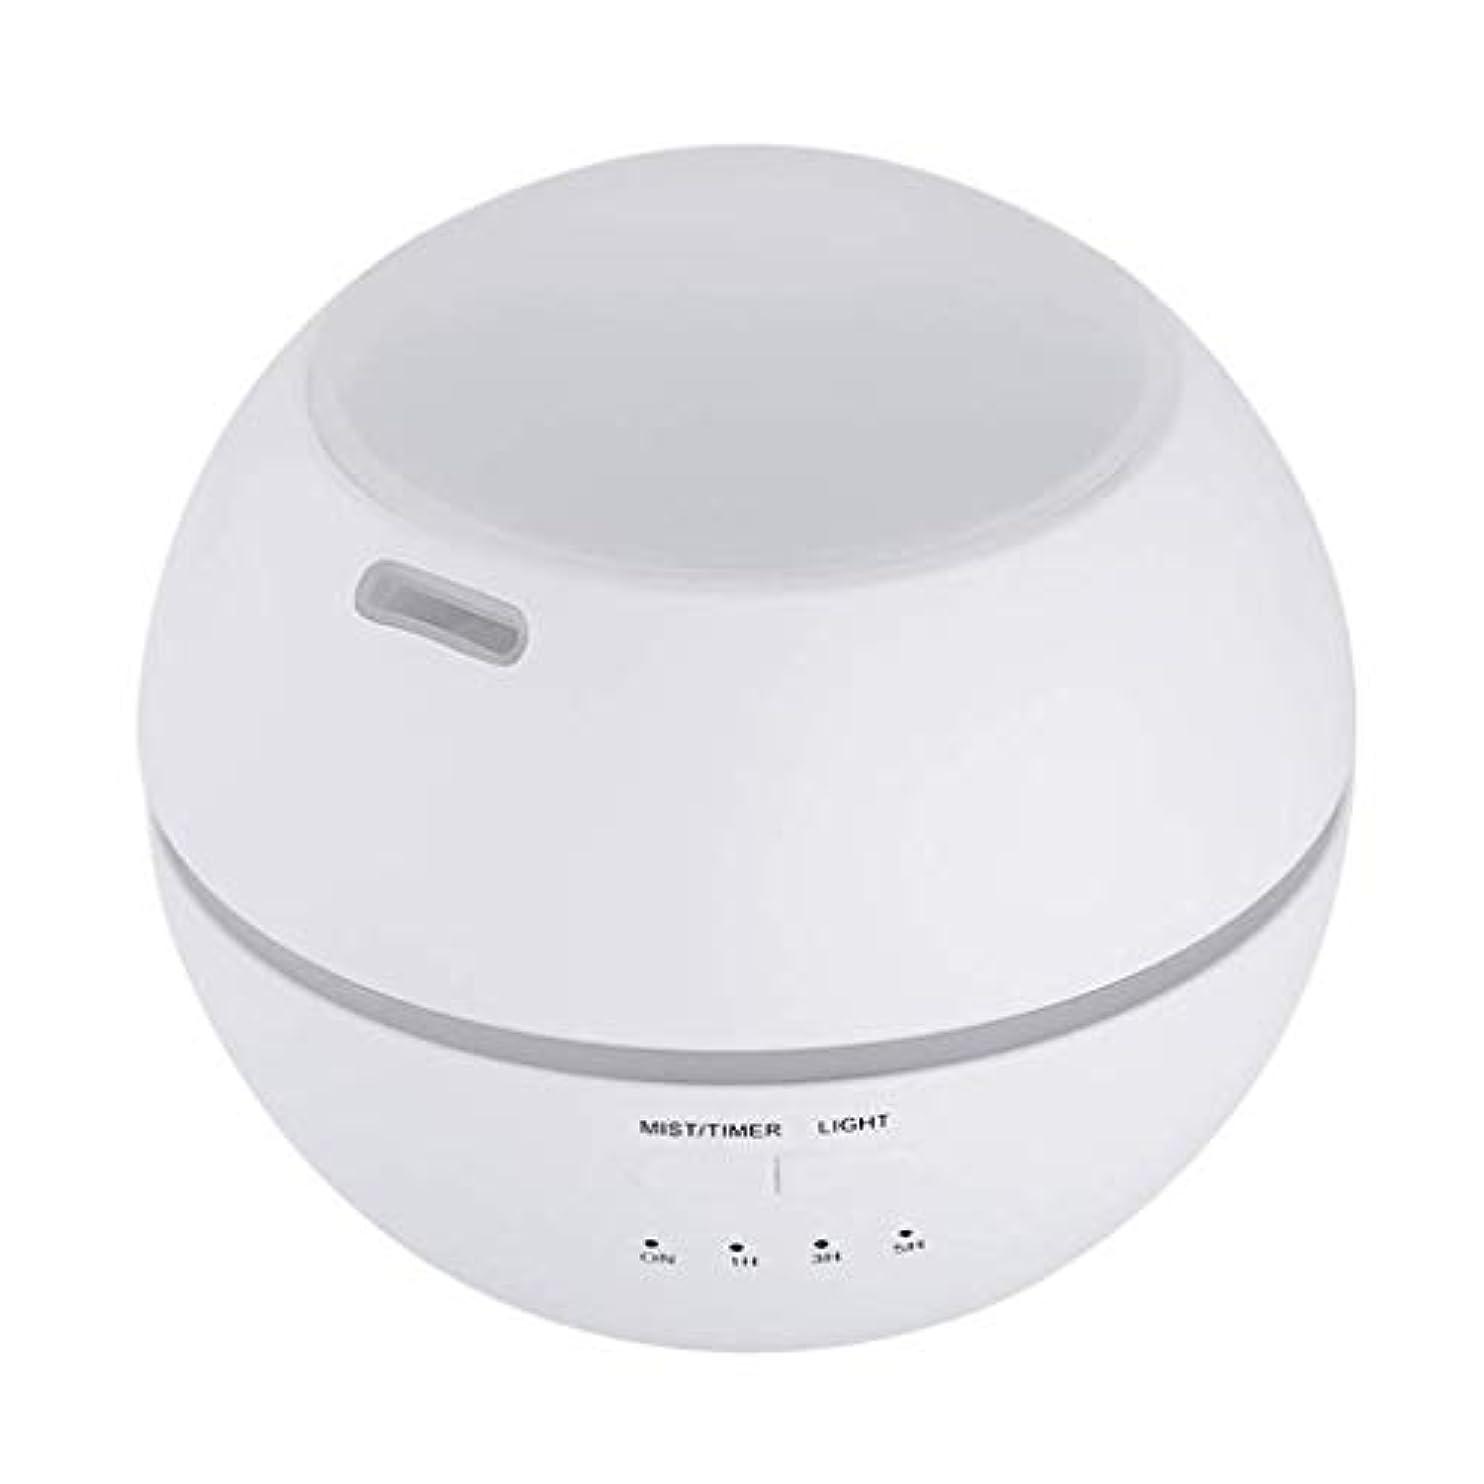 美しいブルゴーニュ建てる加湿器、ポータブルアロマテラピーランプ、エッセンシャルオイルディフューザー加湿器、LEDランプの色を変える、空気清浄アロマテラピーマシン、サイレント家庭用 (Color : 白)